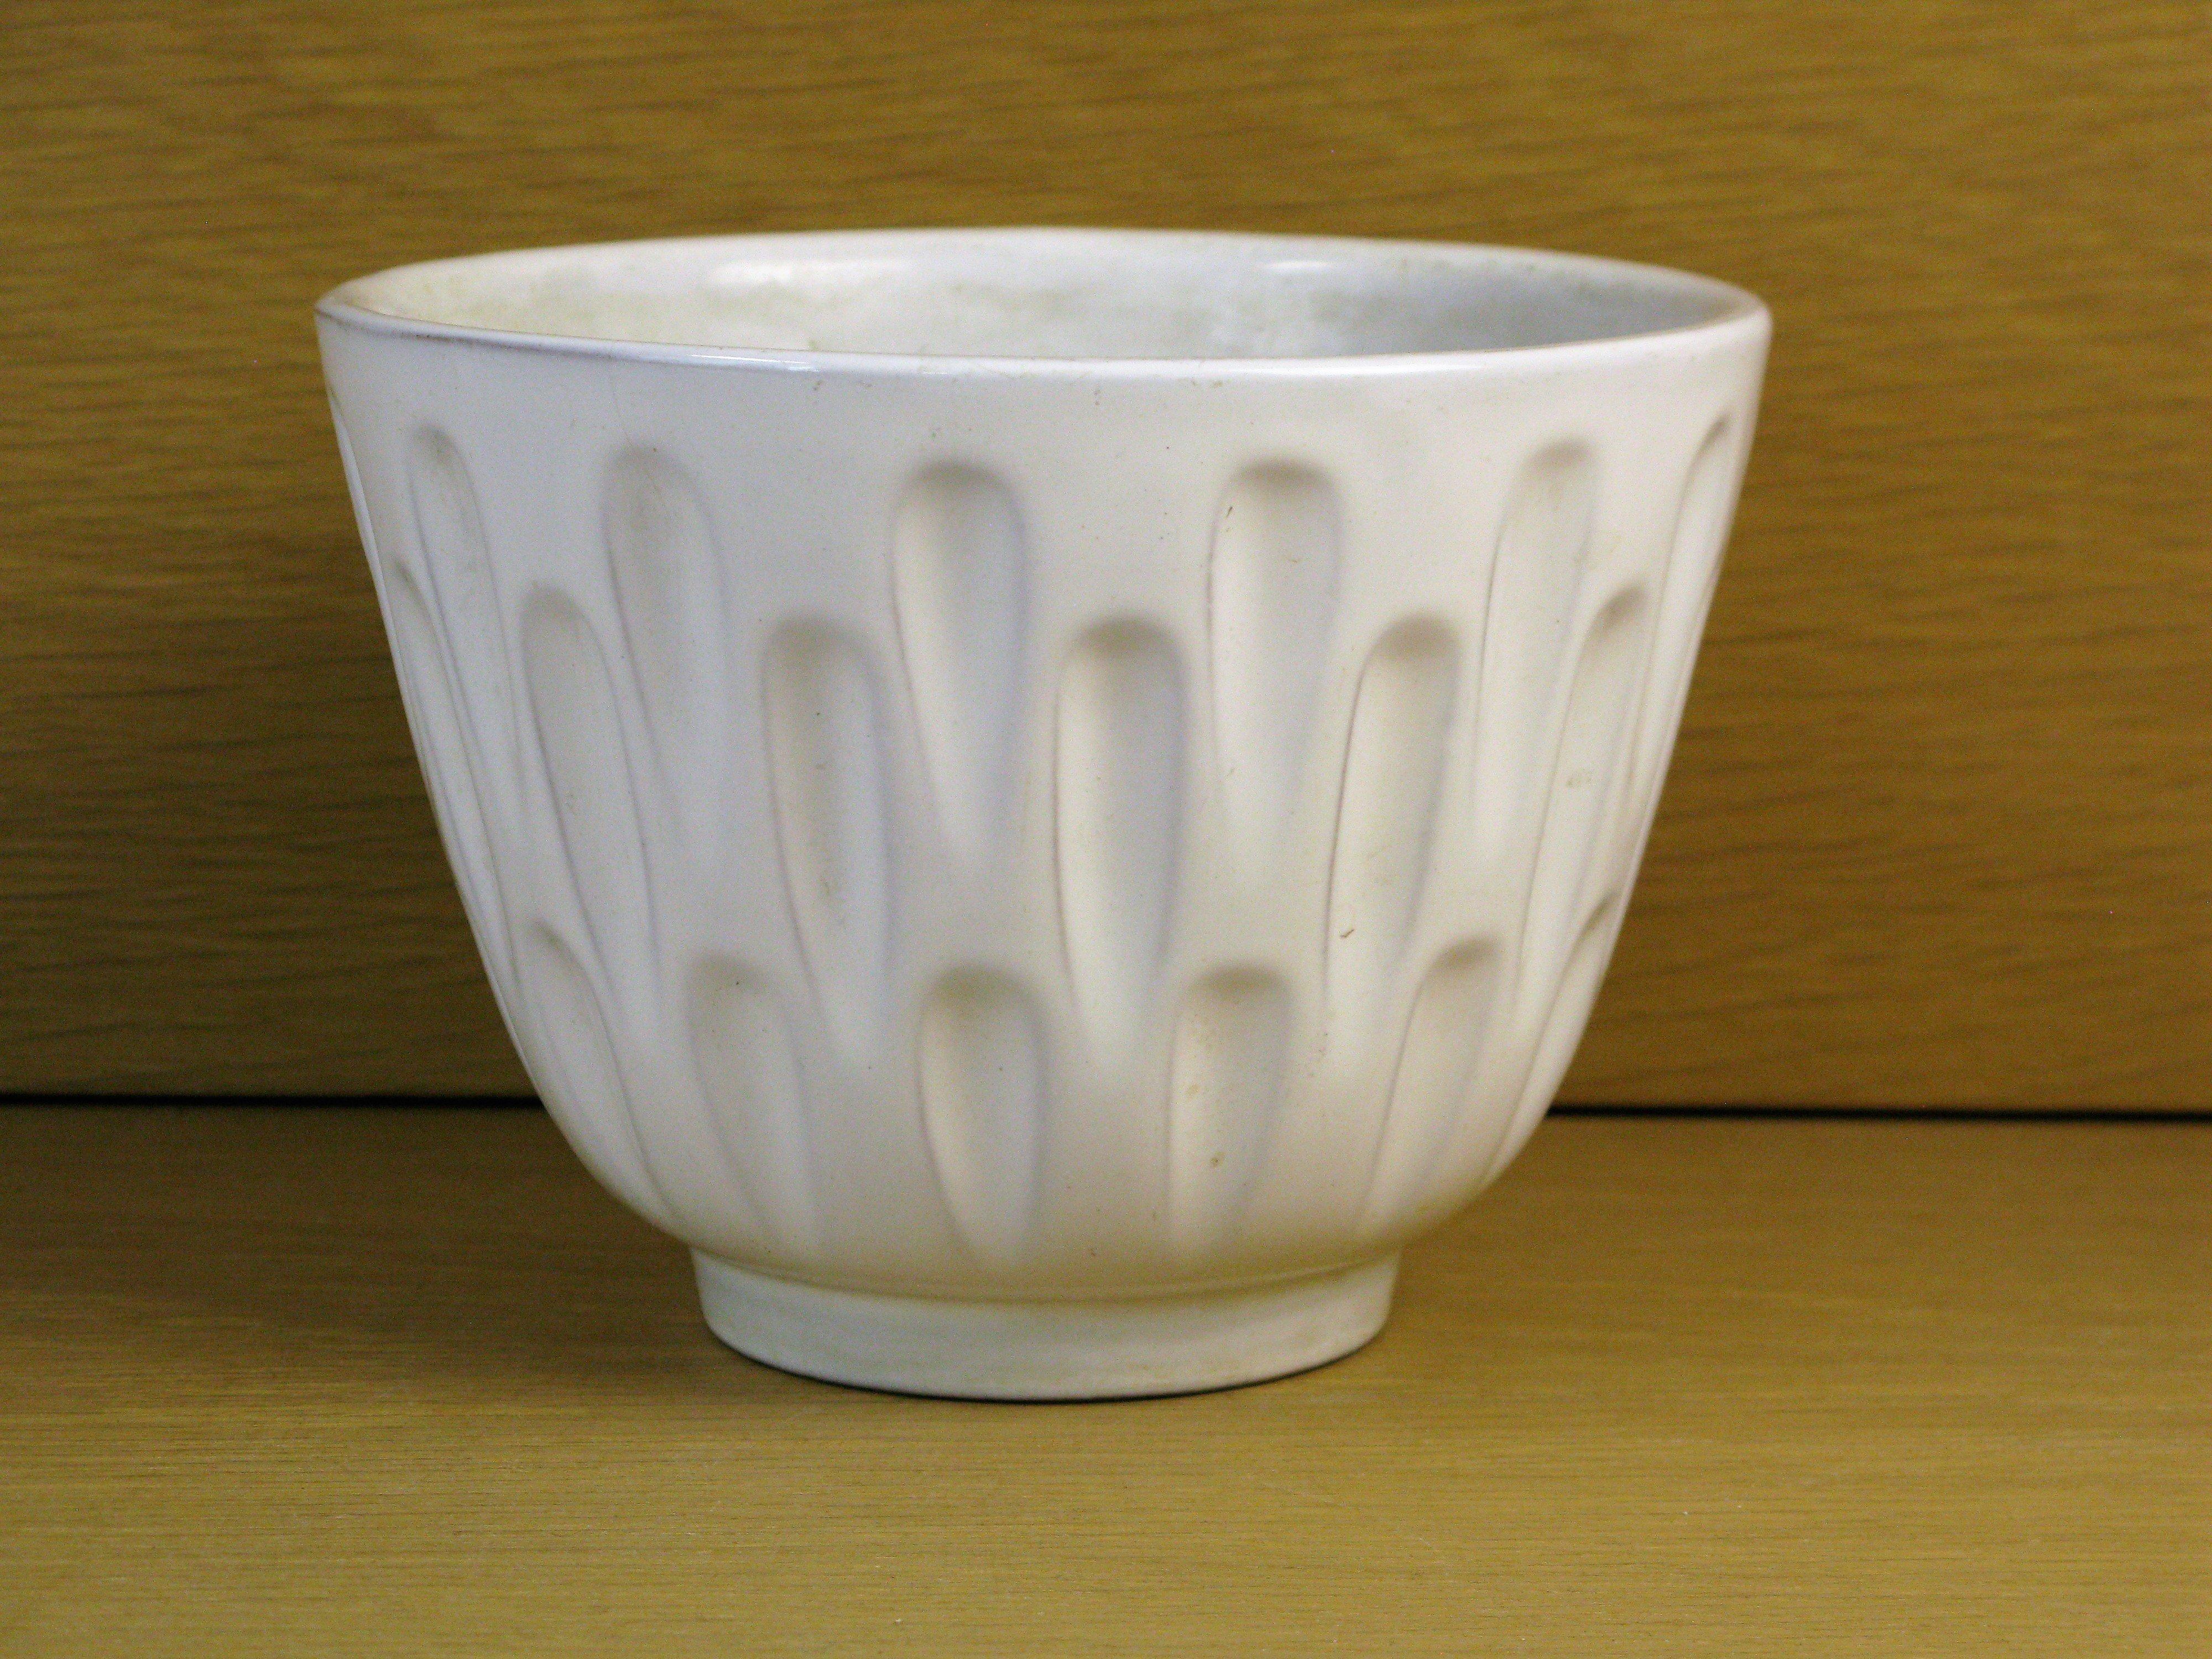 white maj flowerpot 2 sold